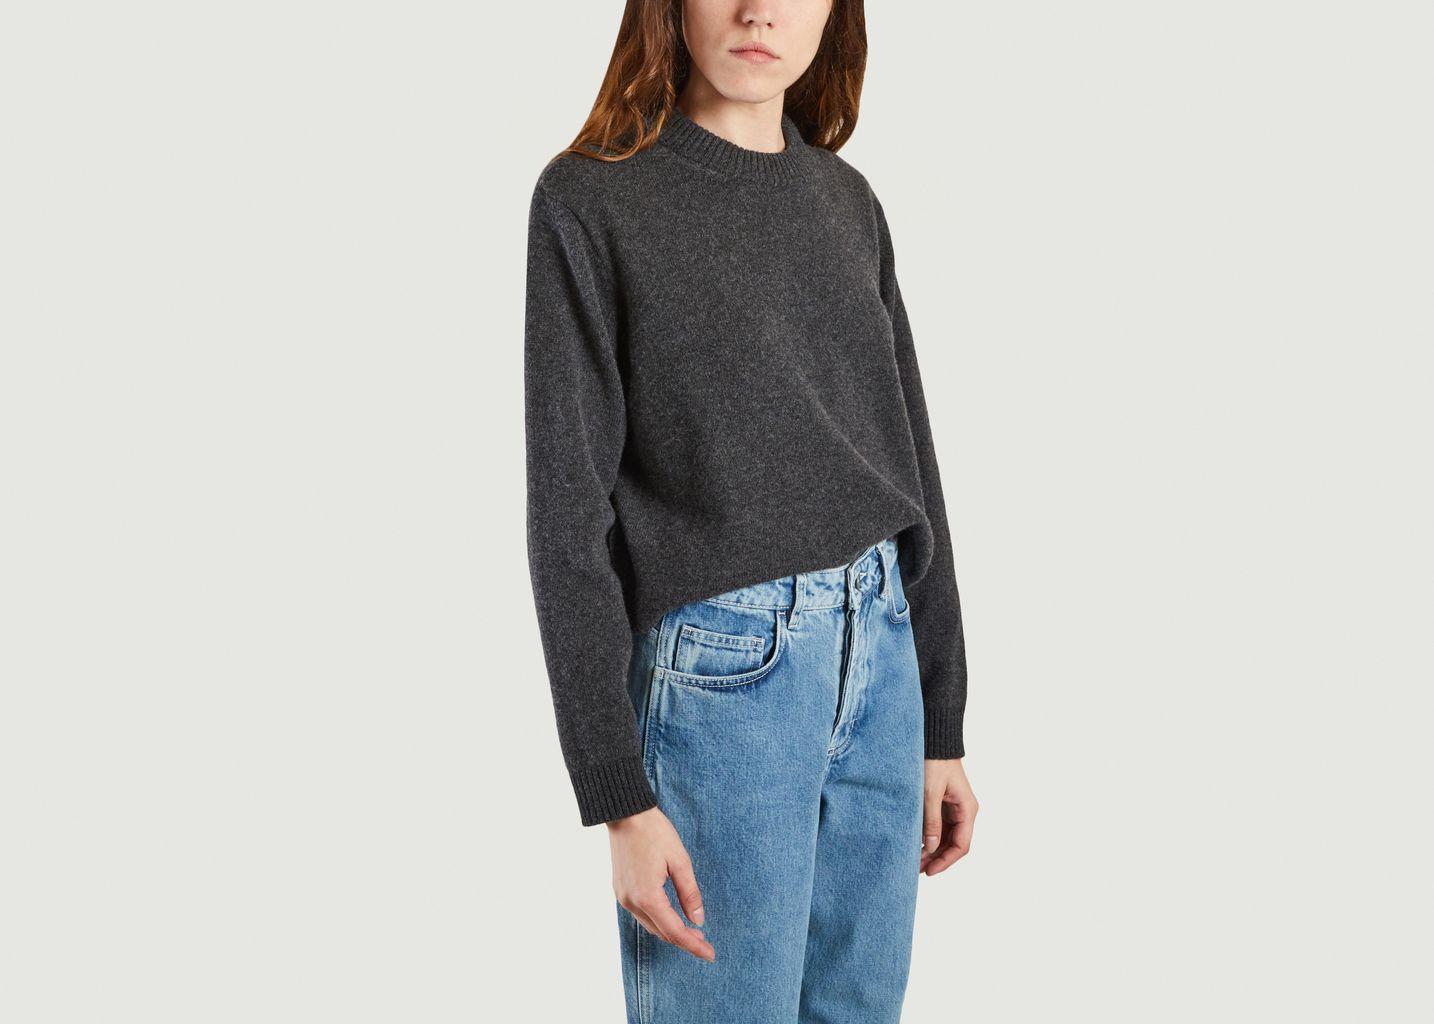 Pull tricoté en laine recyclée - Organic Basics